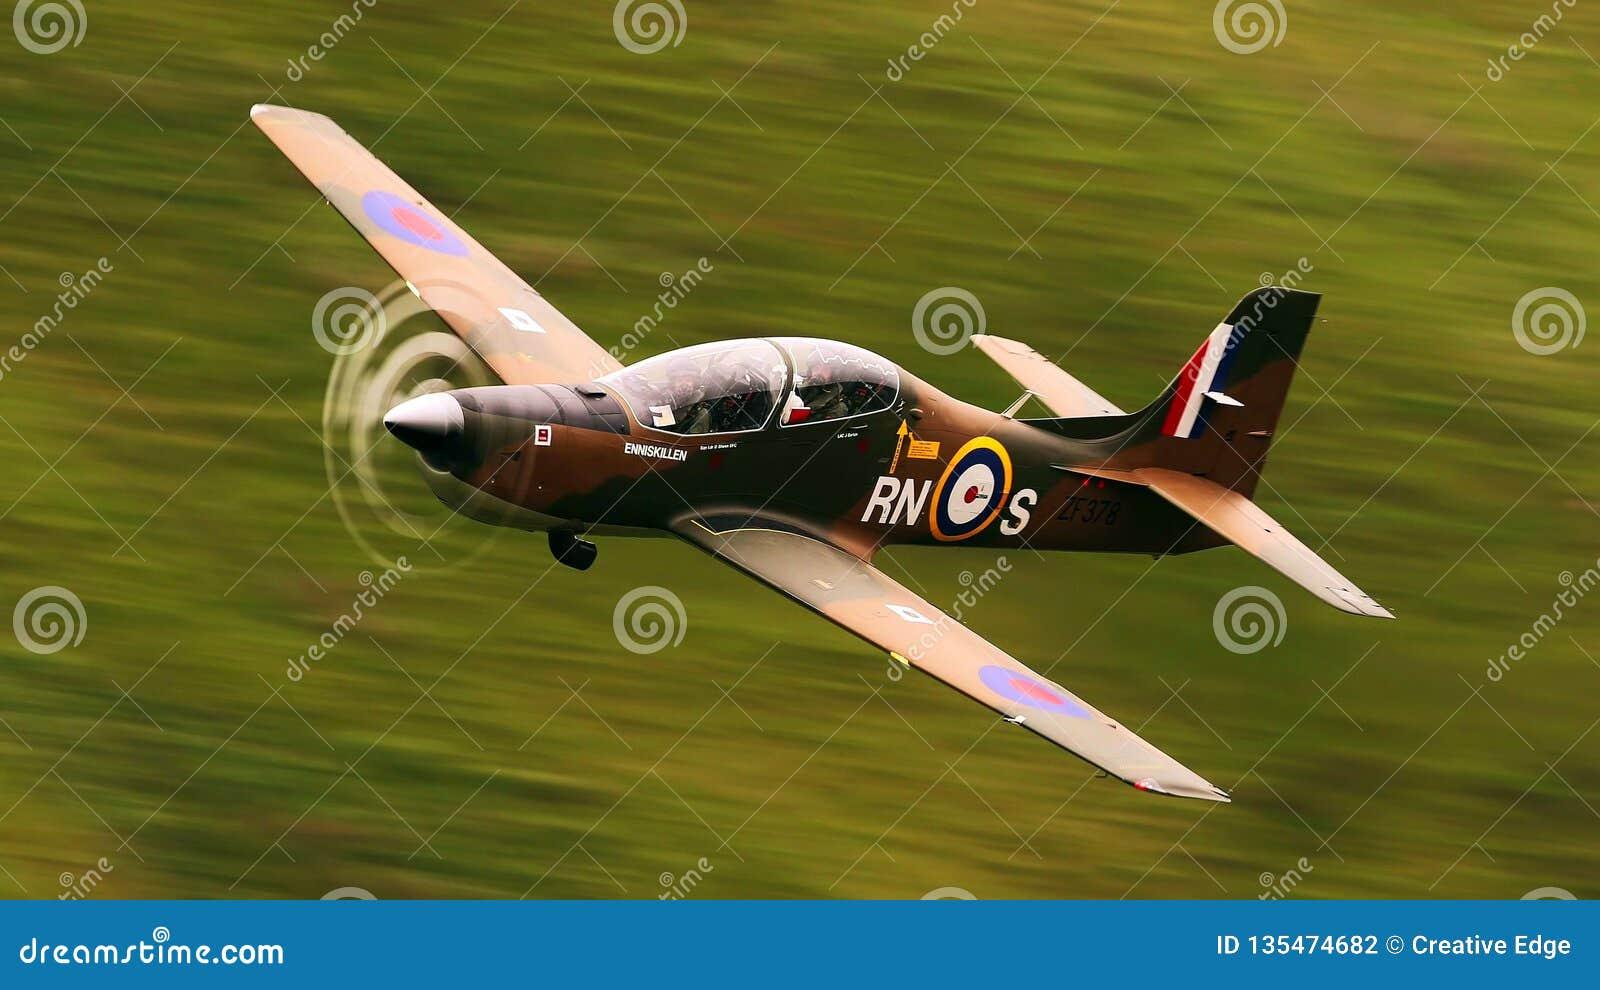 CC$RAF cholernik wykonuje wysoka energia pokazu nad lotniskiem